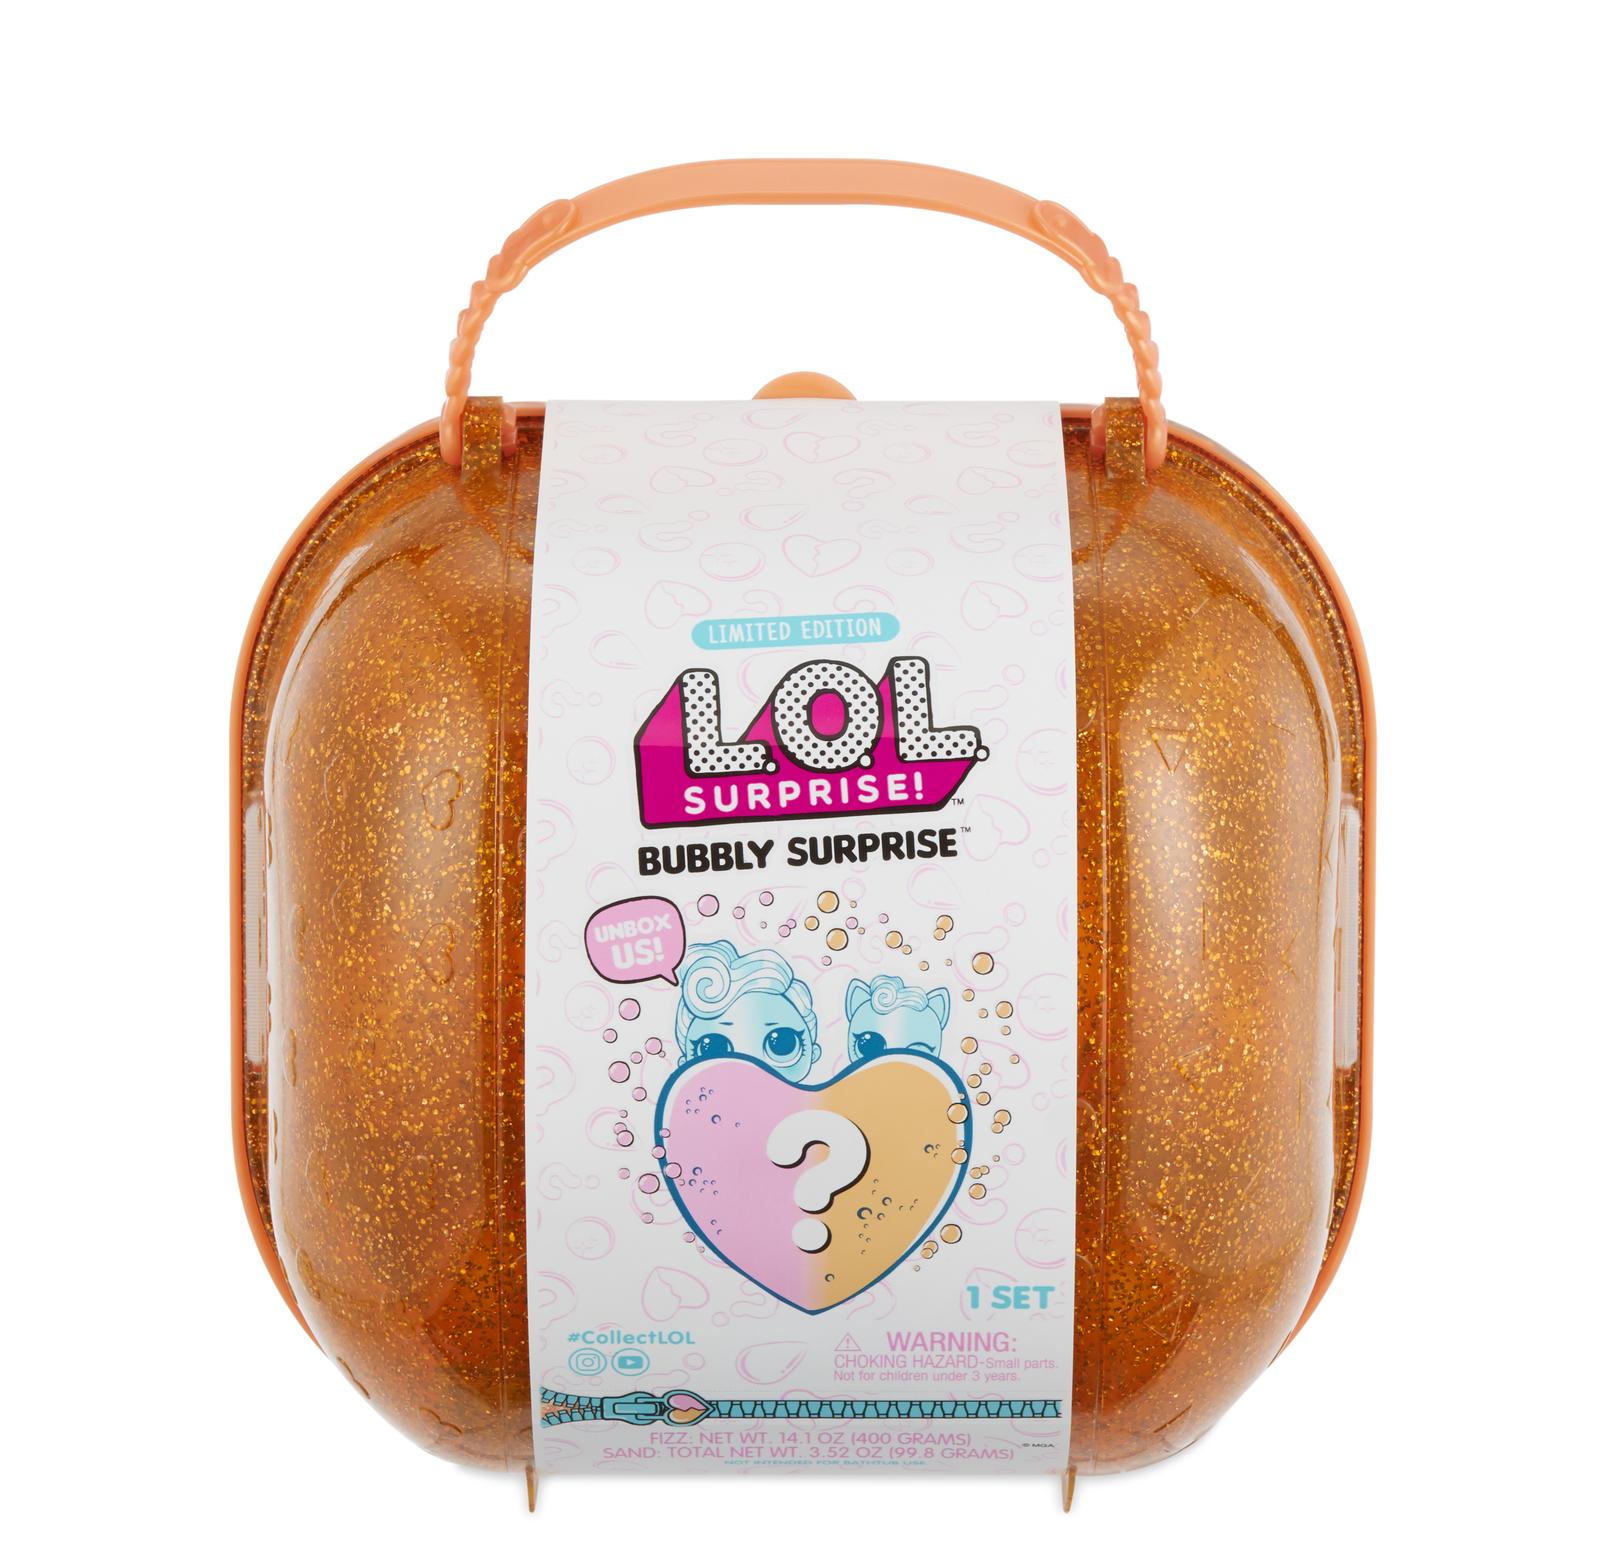 L.O.L. Surprise! - Bubbly Surprise (Assorted Designs) image